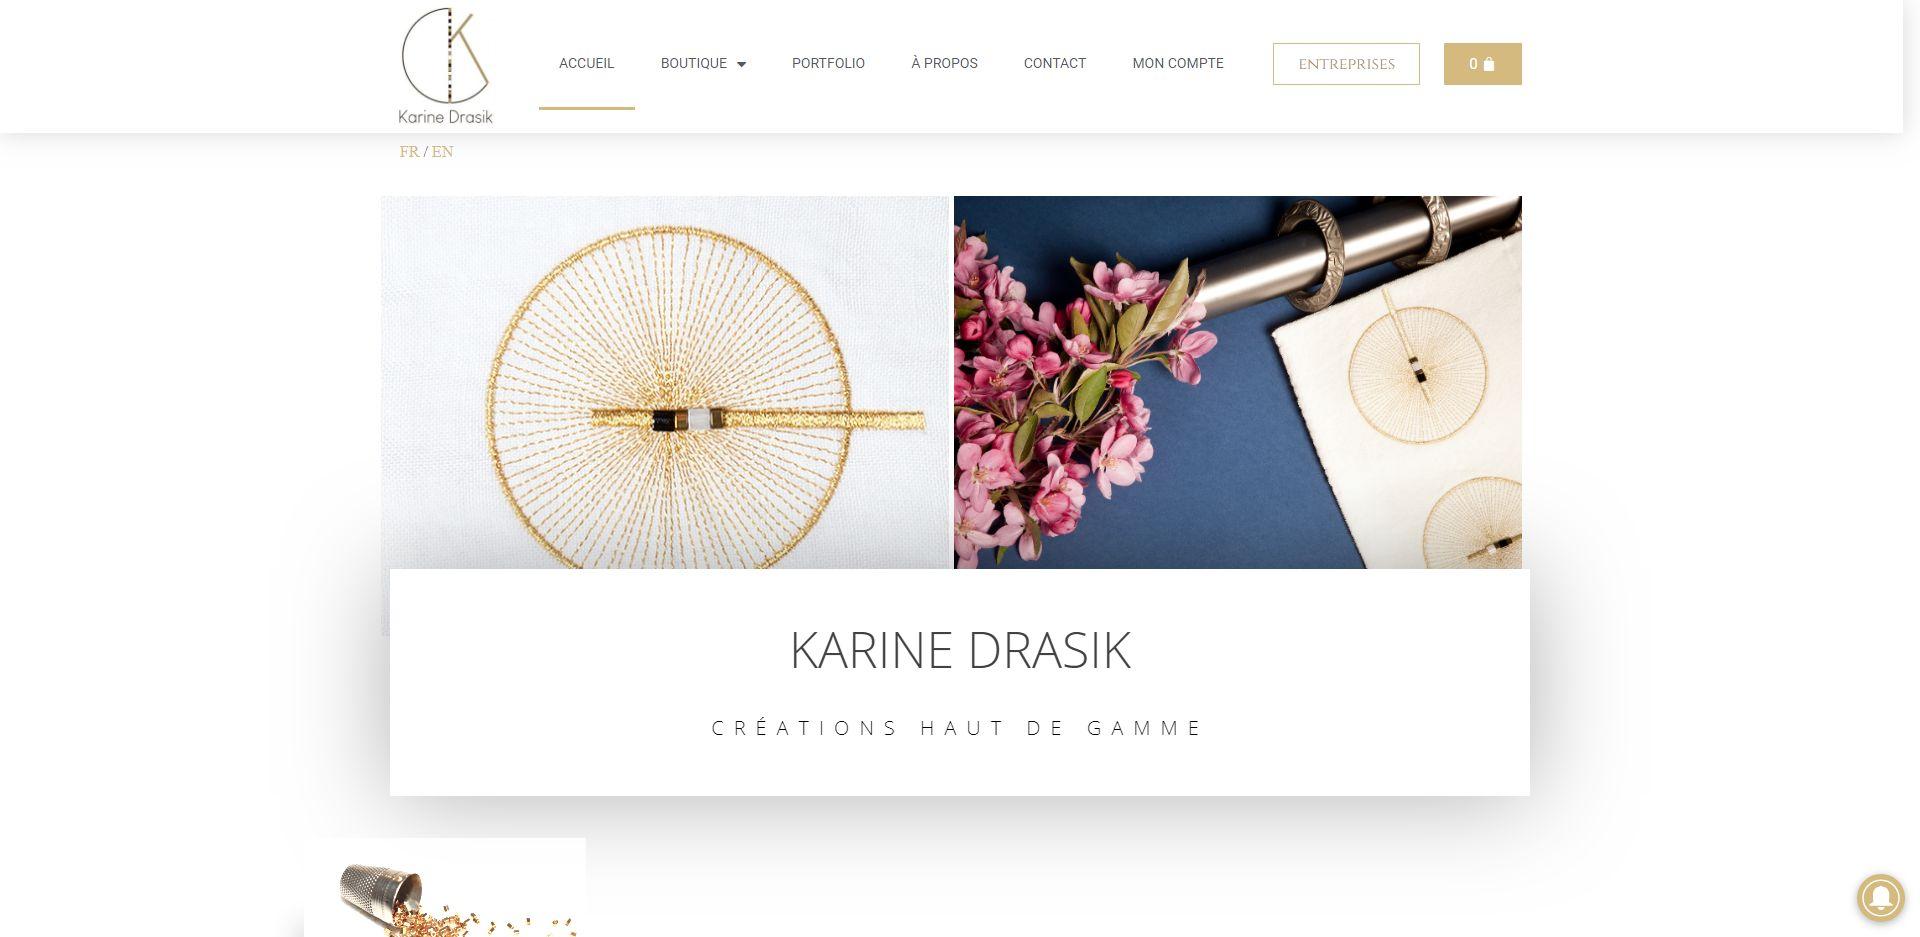 Photos de la création de Site marchand Karine Drasik - Créatrice Haut de Gamme